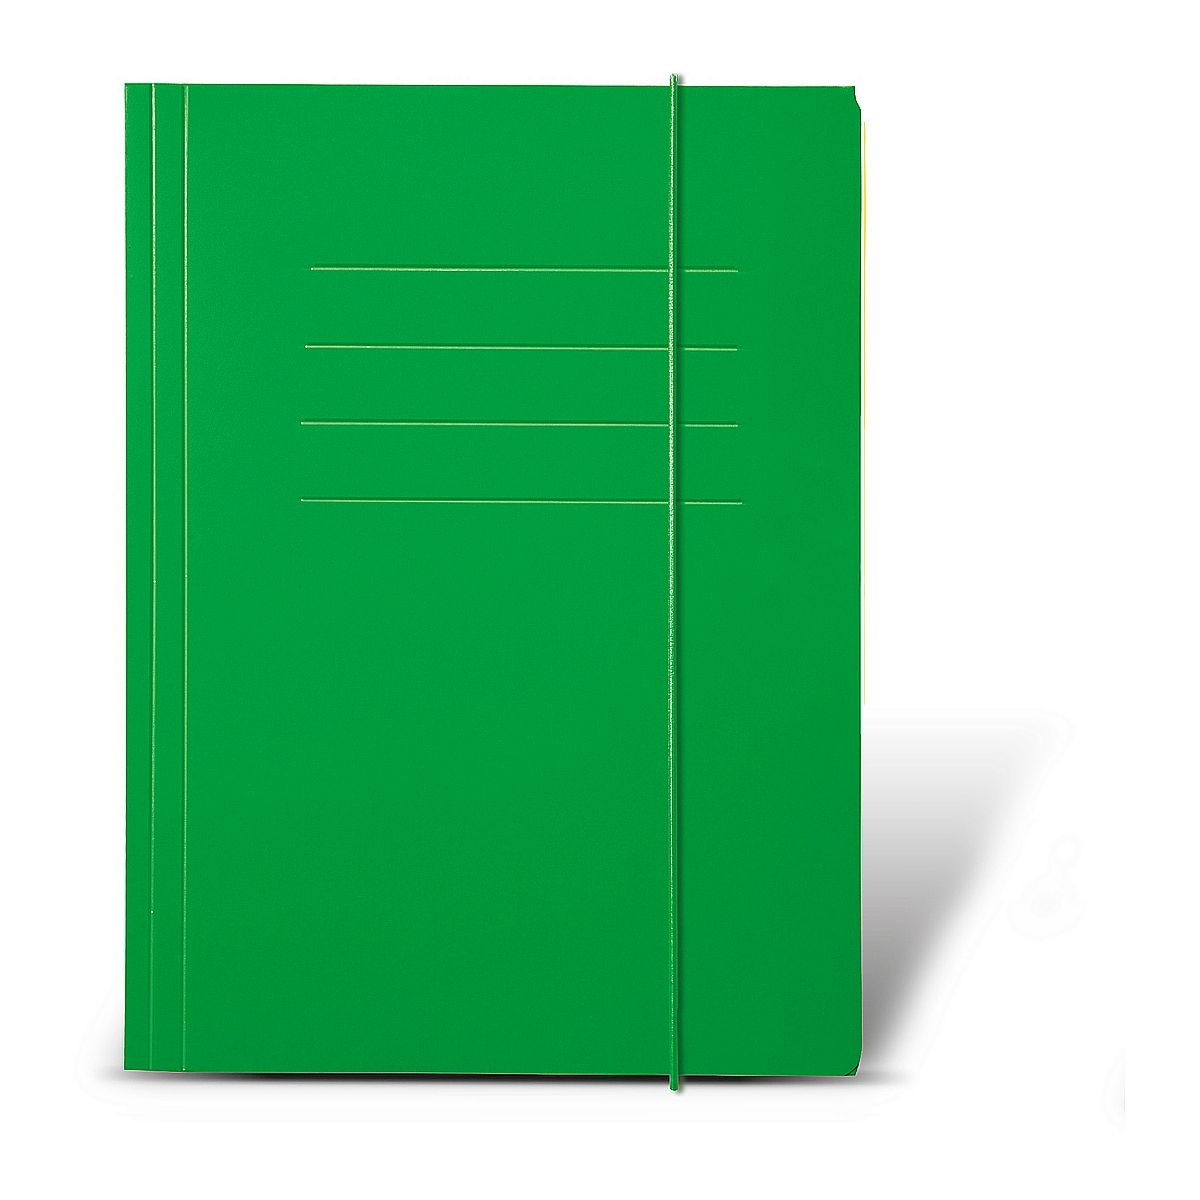 Teczka z gumką Protos A4, zielona (144322)